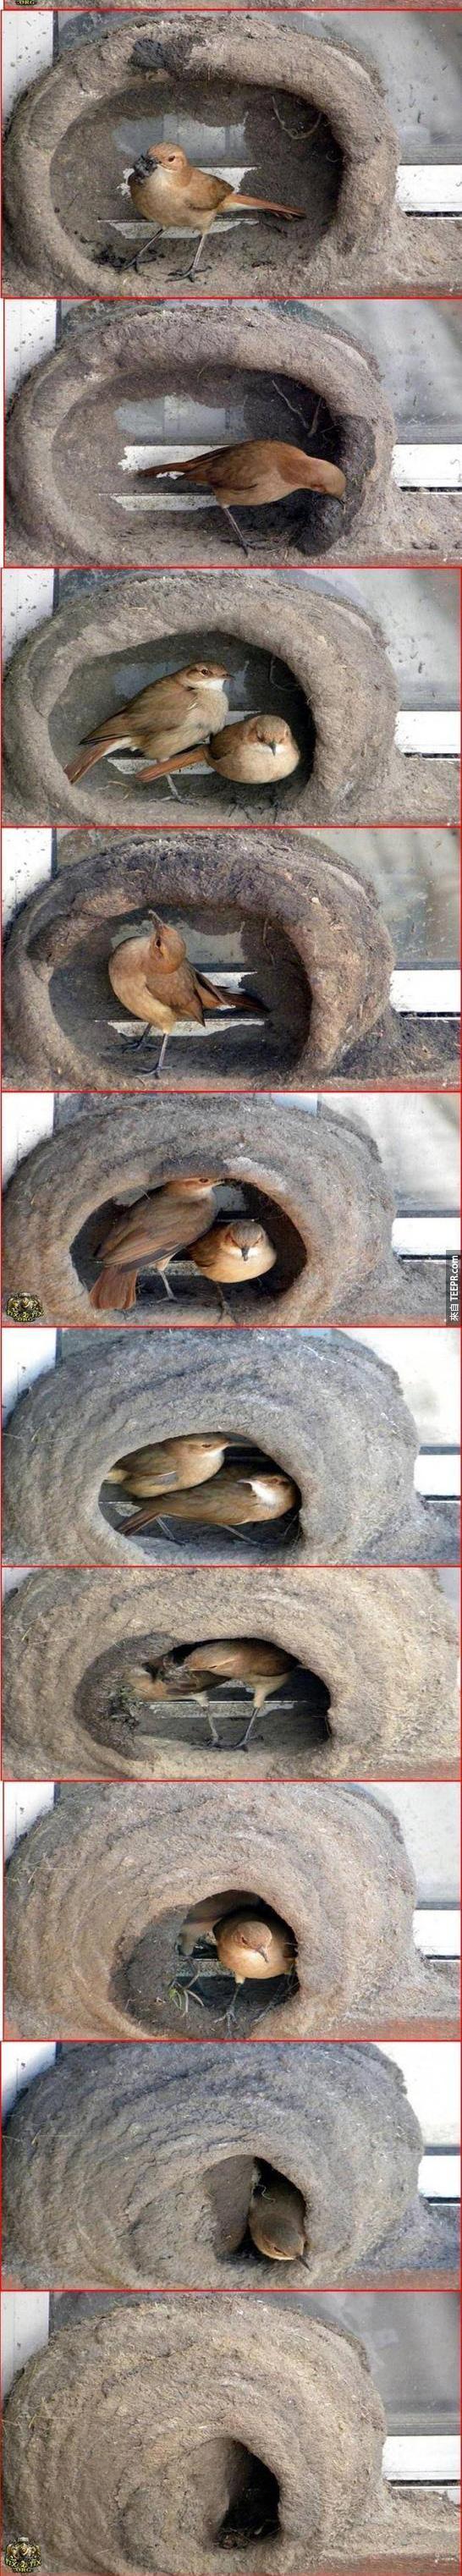 小鳥本來就會做這樣的事情,但是實際上看到還是很神奇。